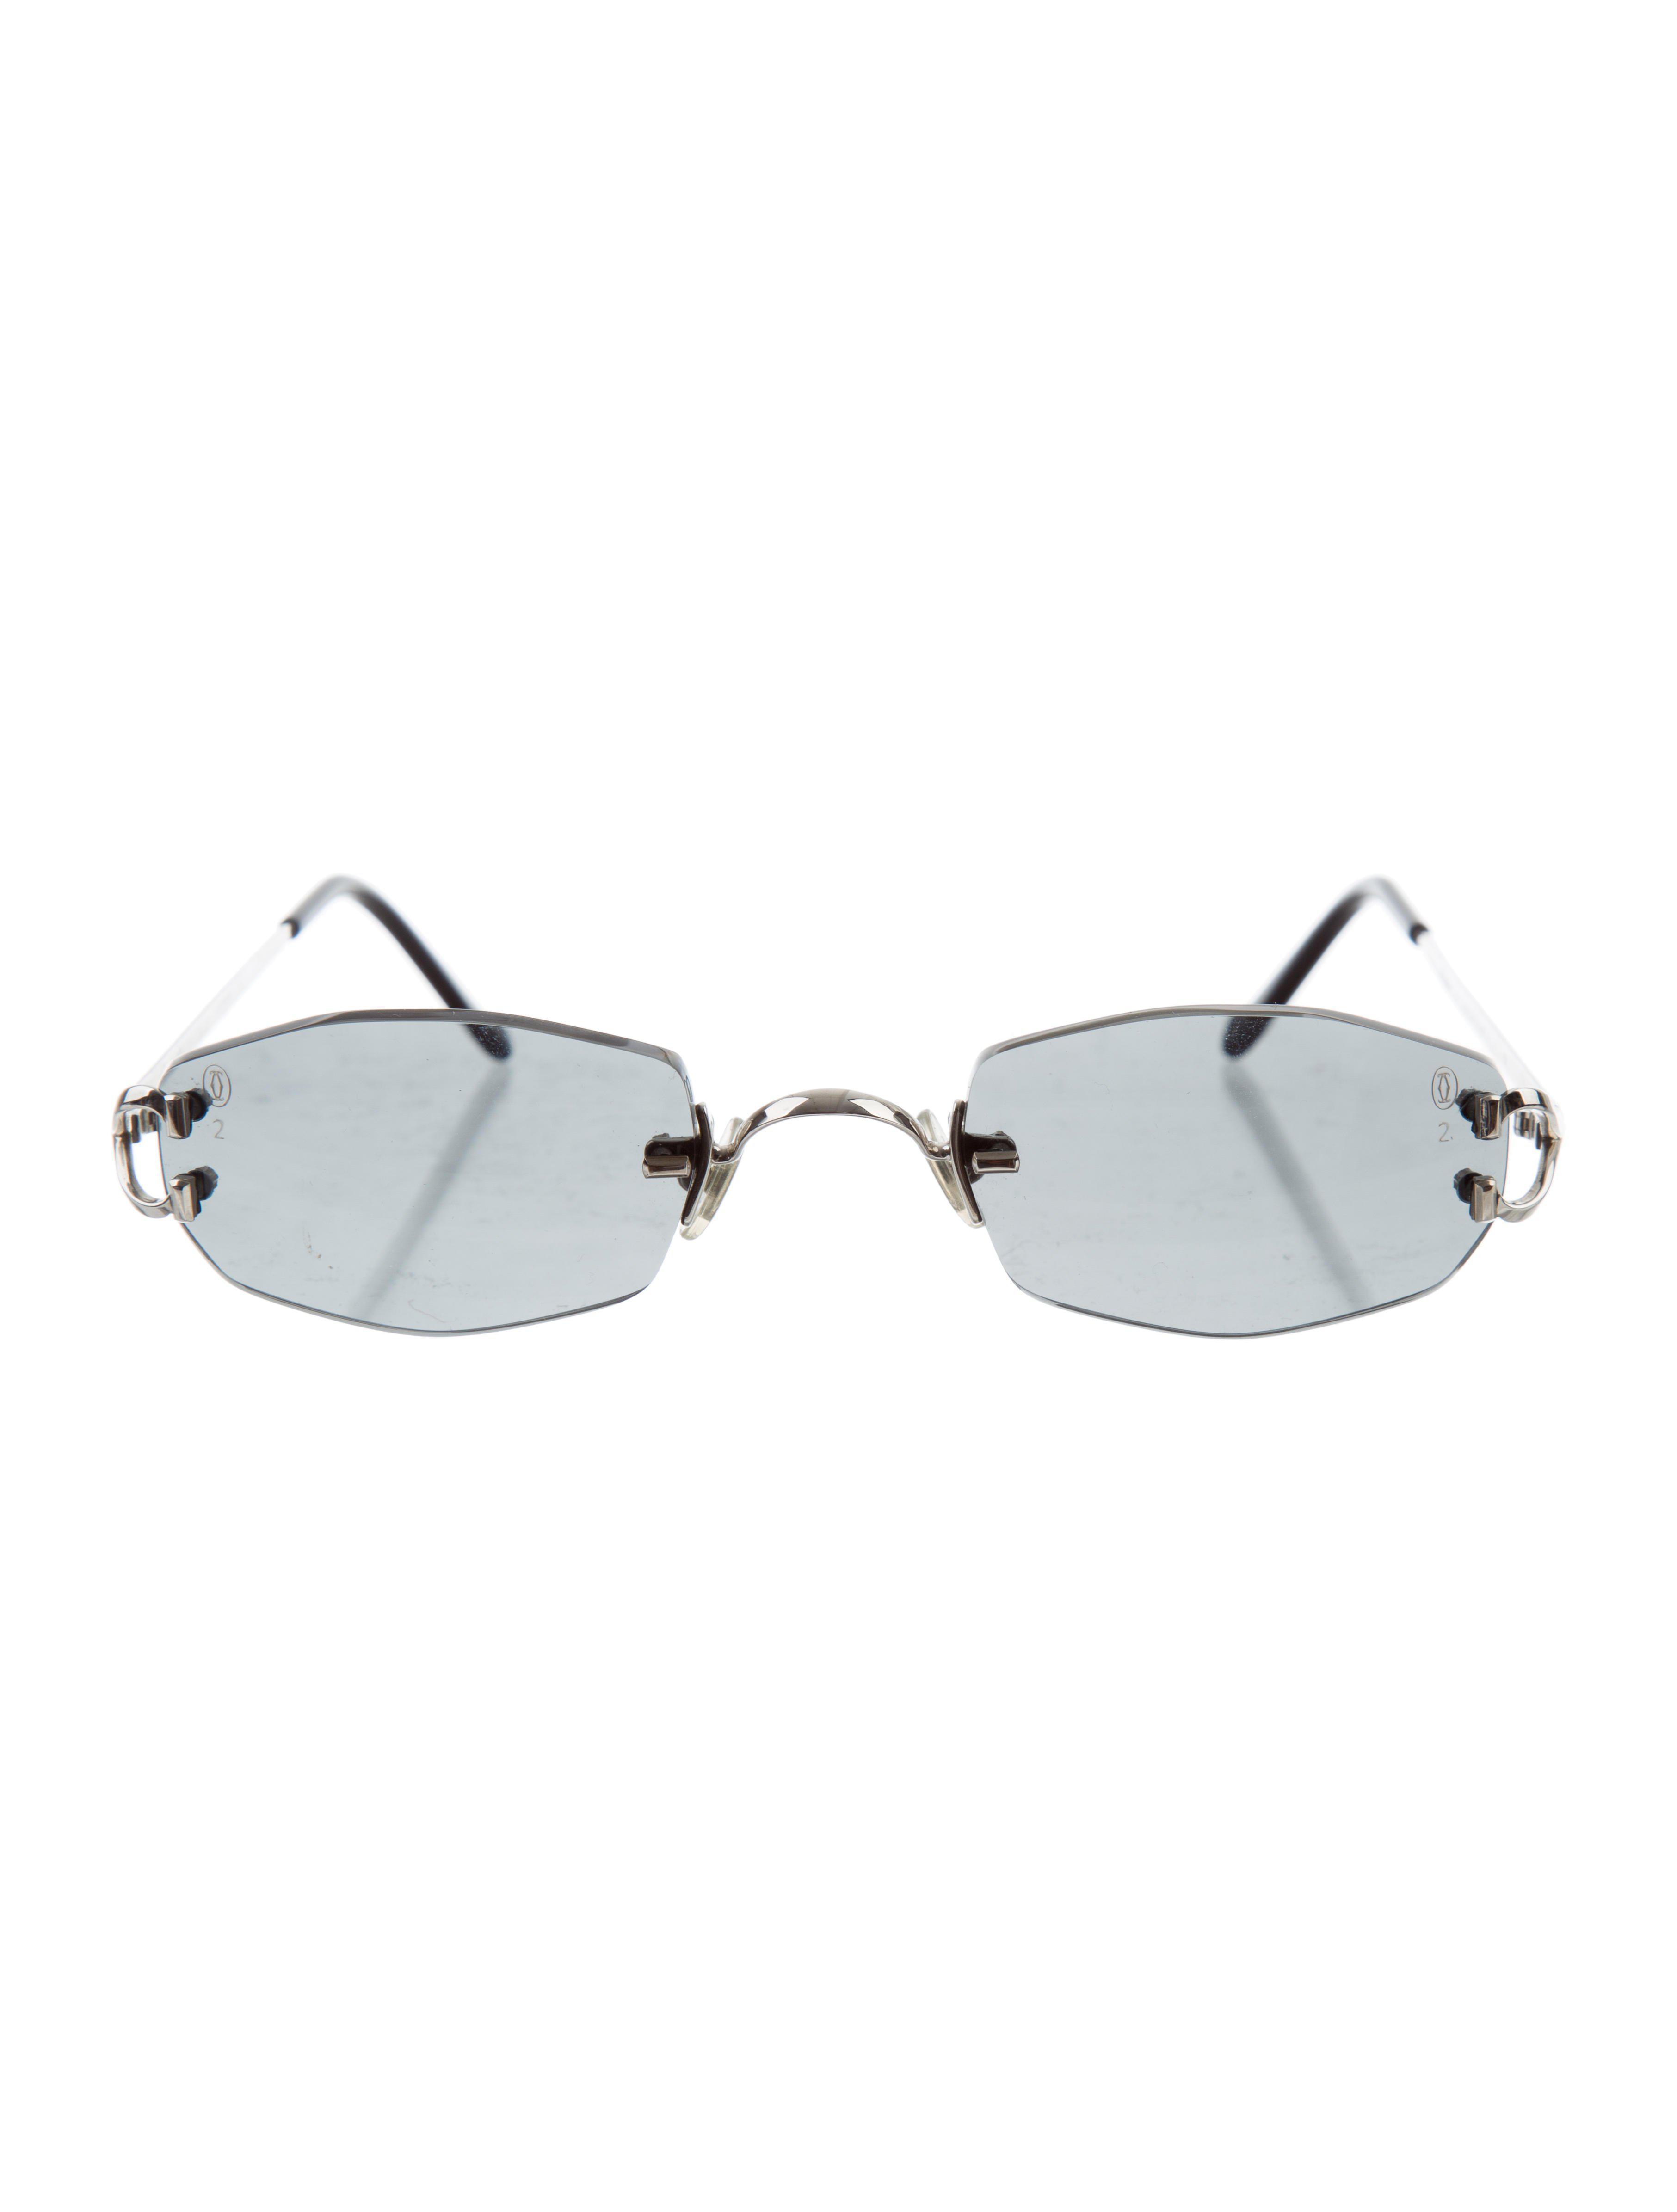 5ebc88dbc33 Cartier Rimless Sunglasses Black Silver Bamboo Frame - Restaurant ...